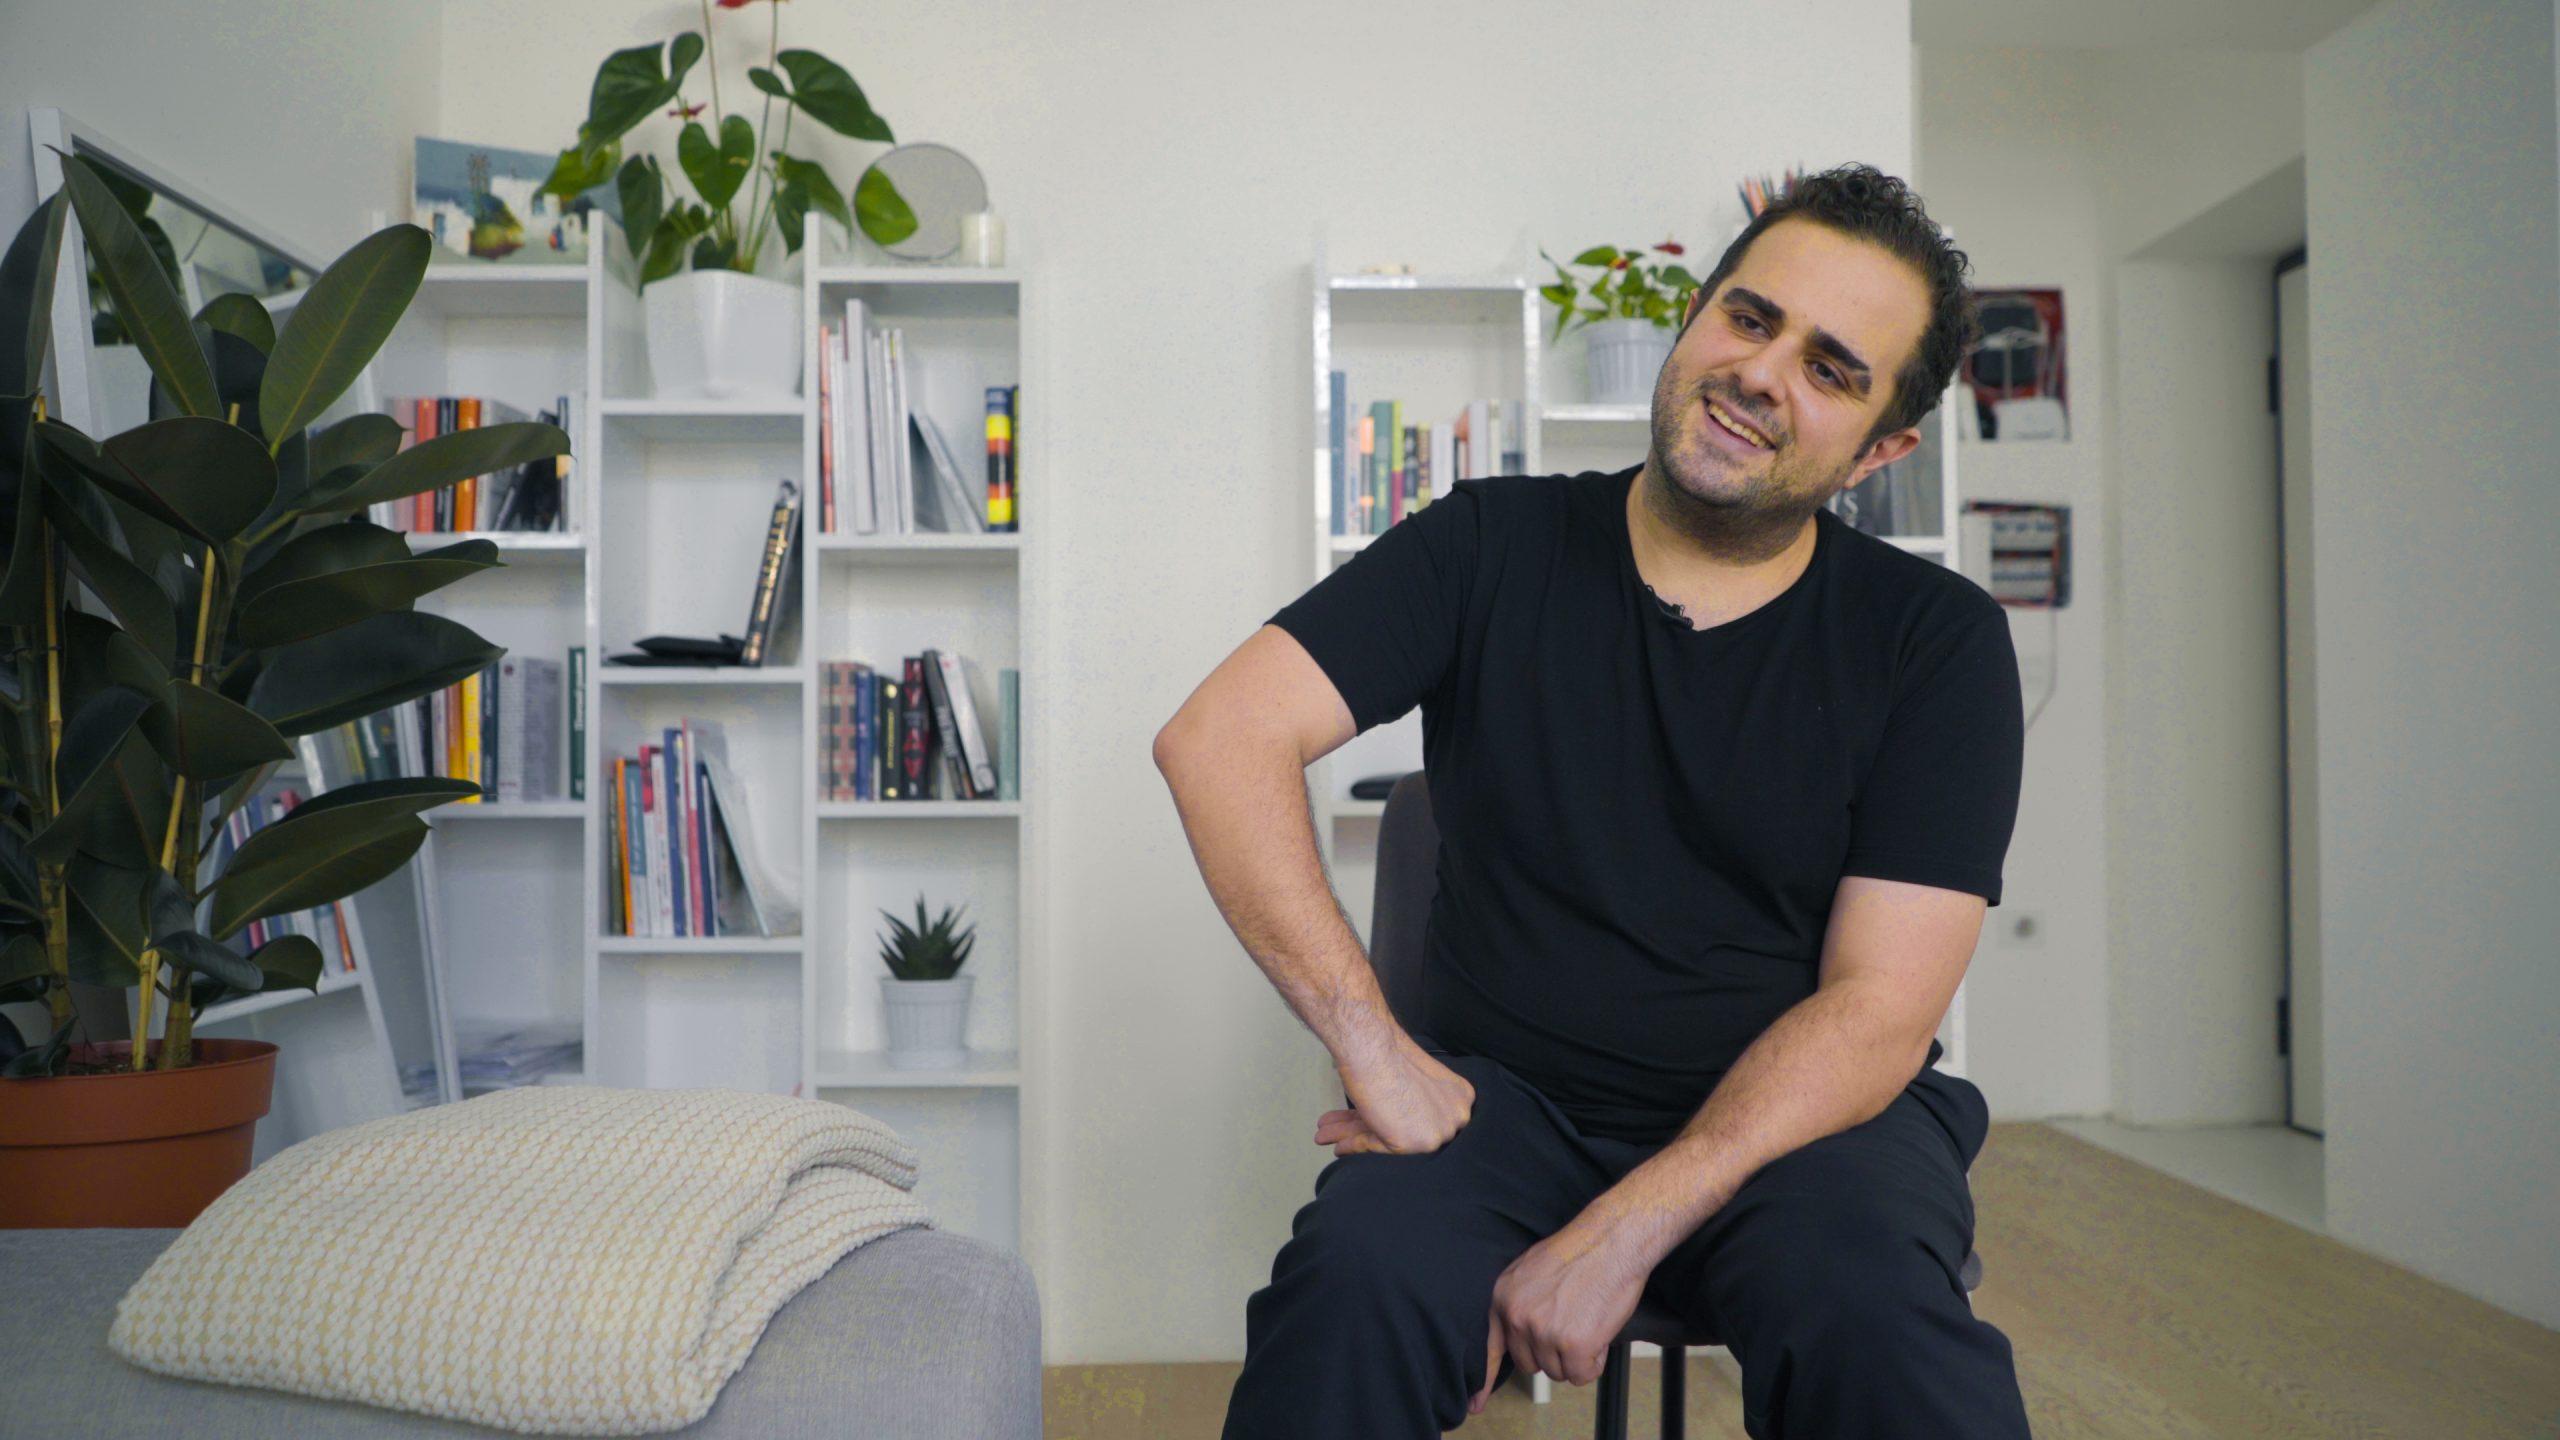 Elchin Safarli